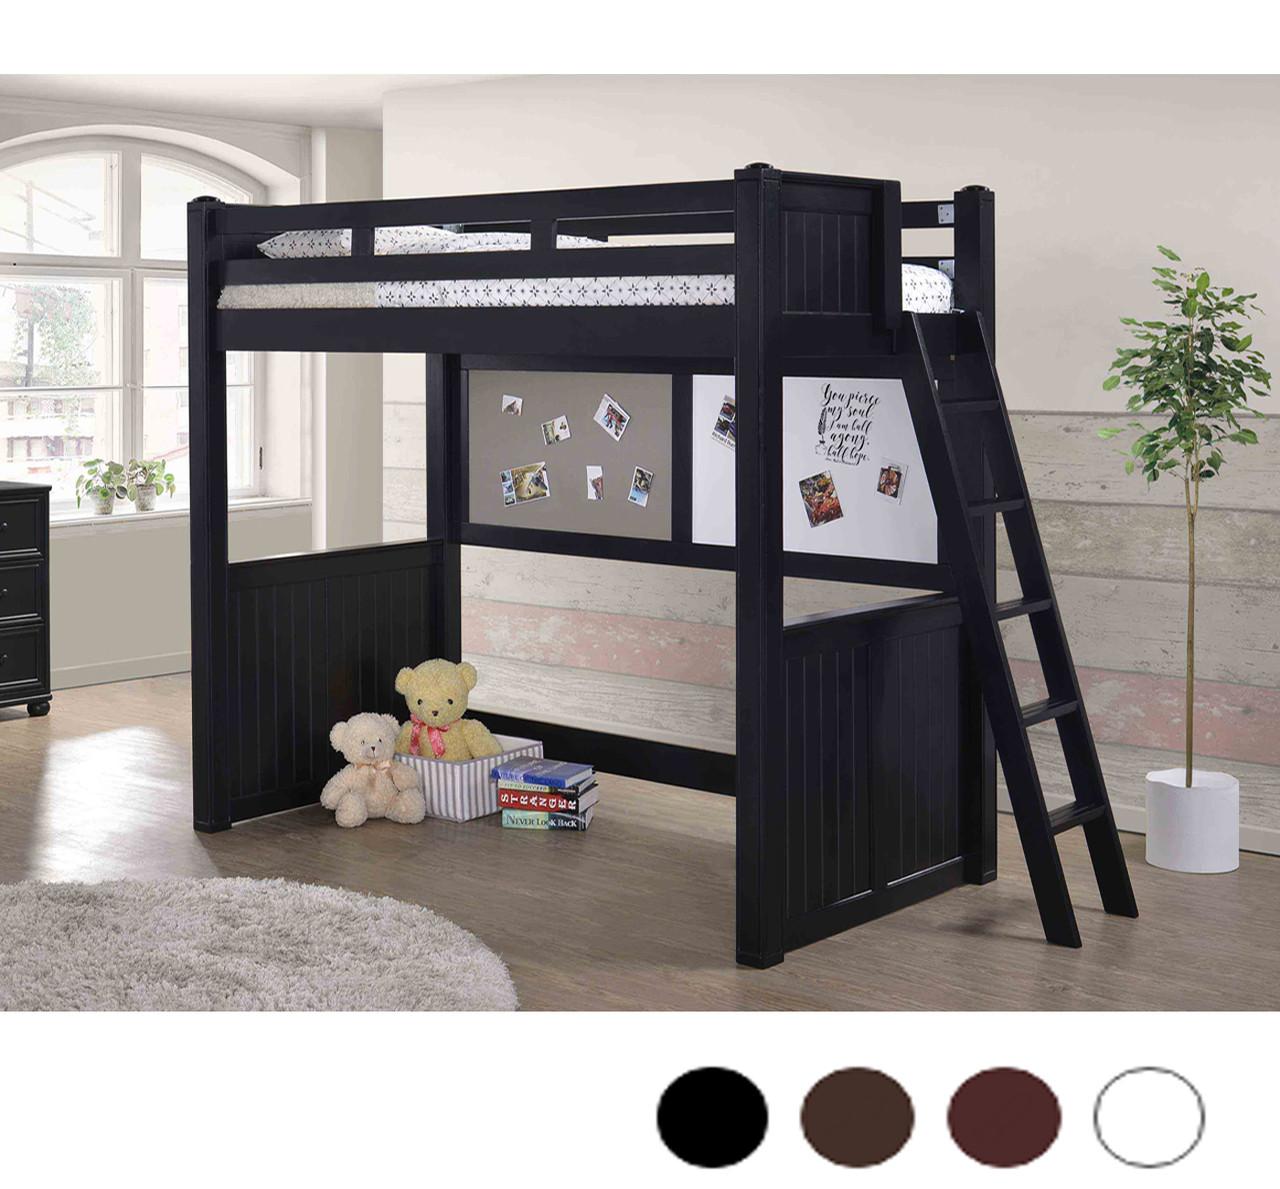 Molly Wood Twin Size Loft Bed in White, Black, Walnut